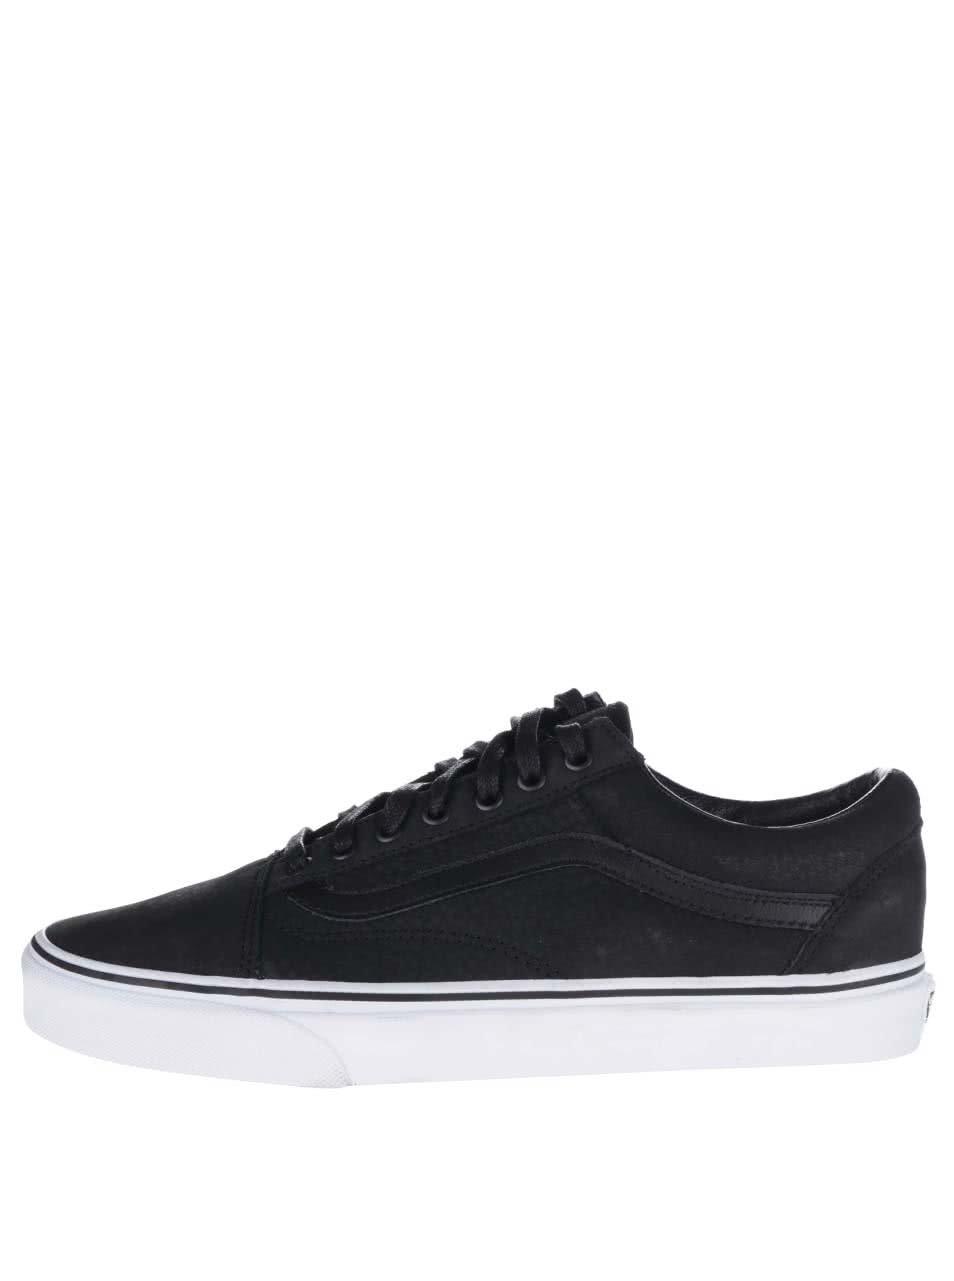 Černé pánské kožené tenisky Vans Old Skool